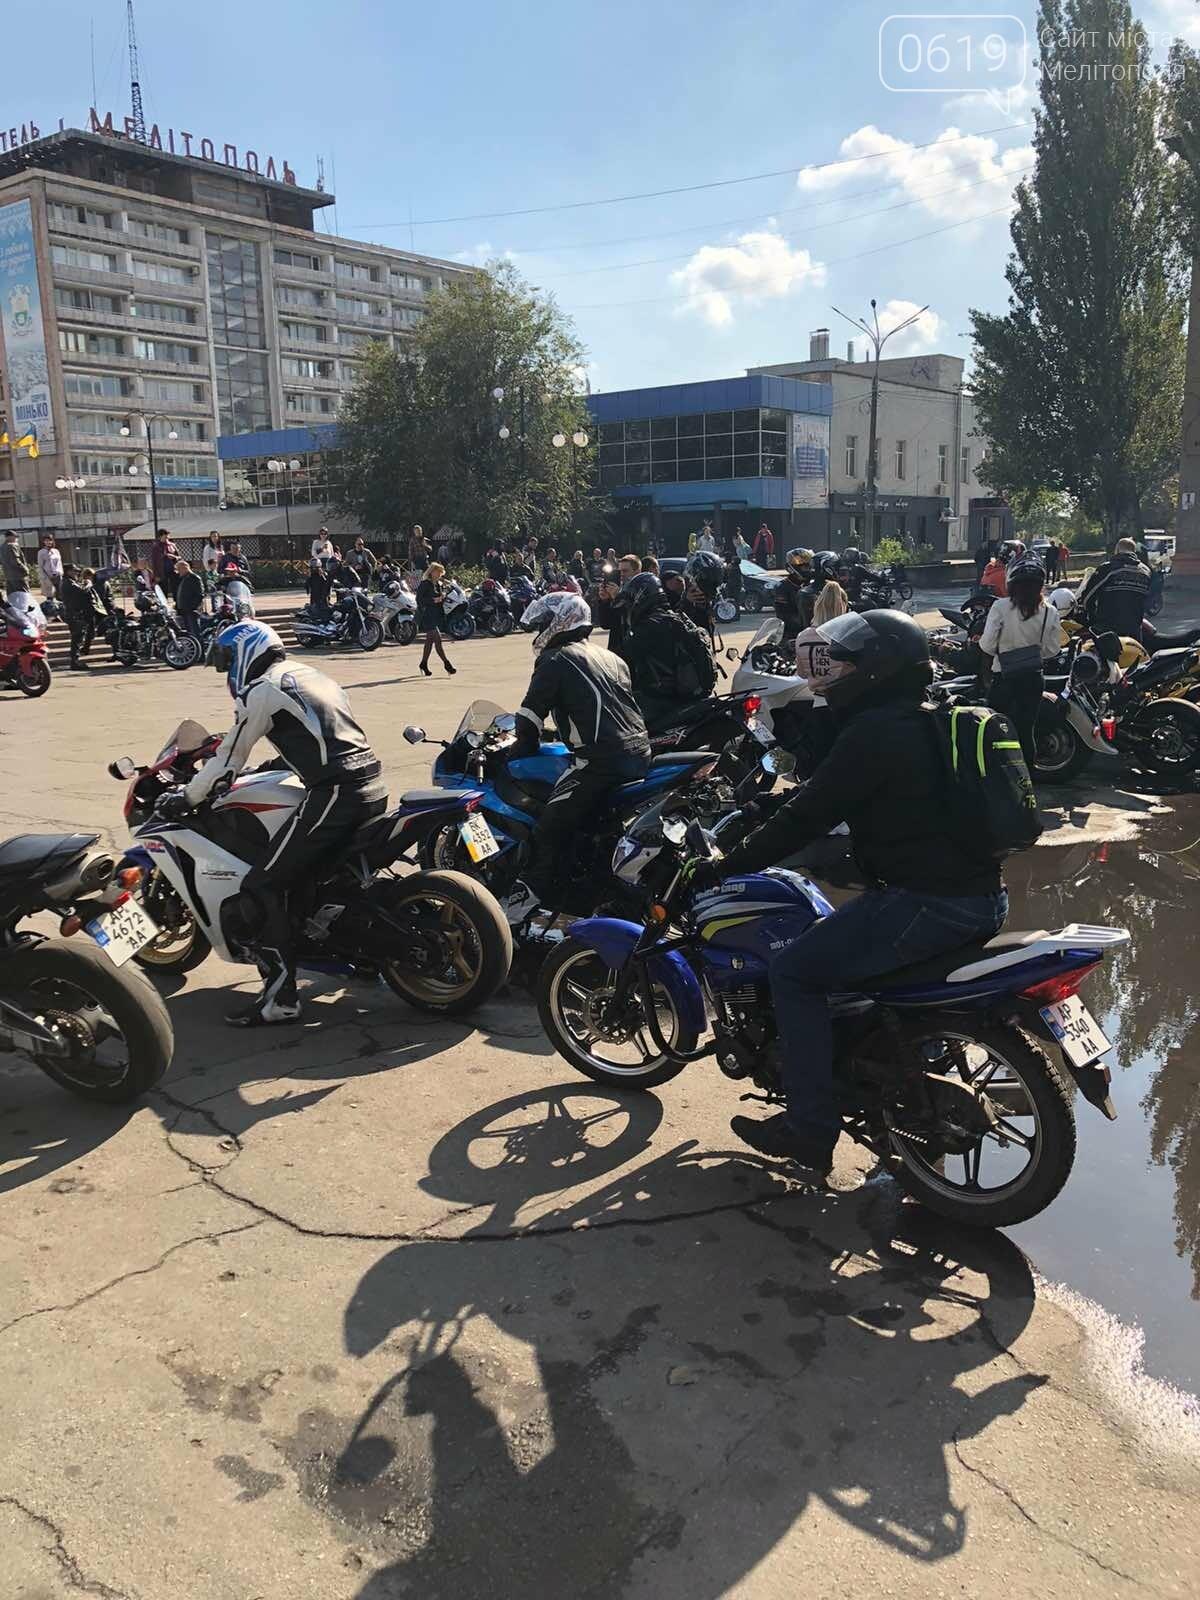 Байкеры проехали колонной по Мелитополю в честь закрытия мотосезона, - ФОТО, фото-13